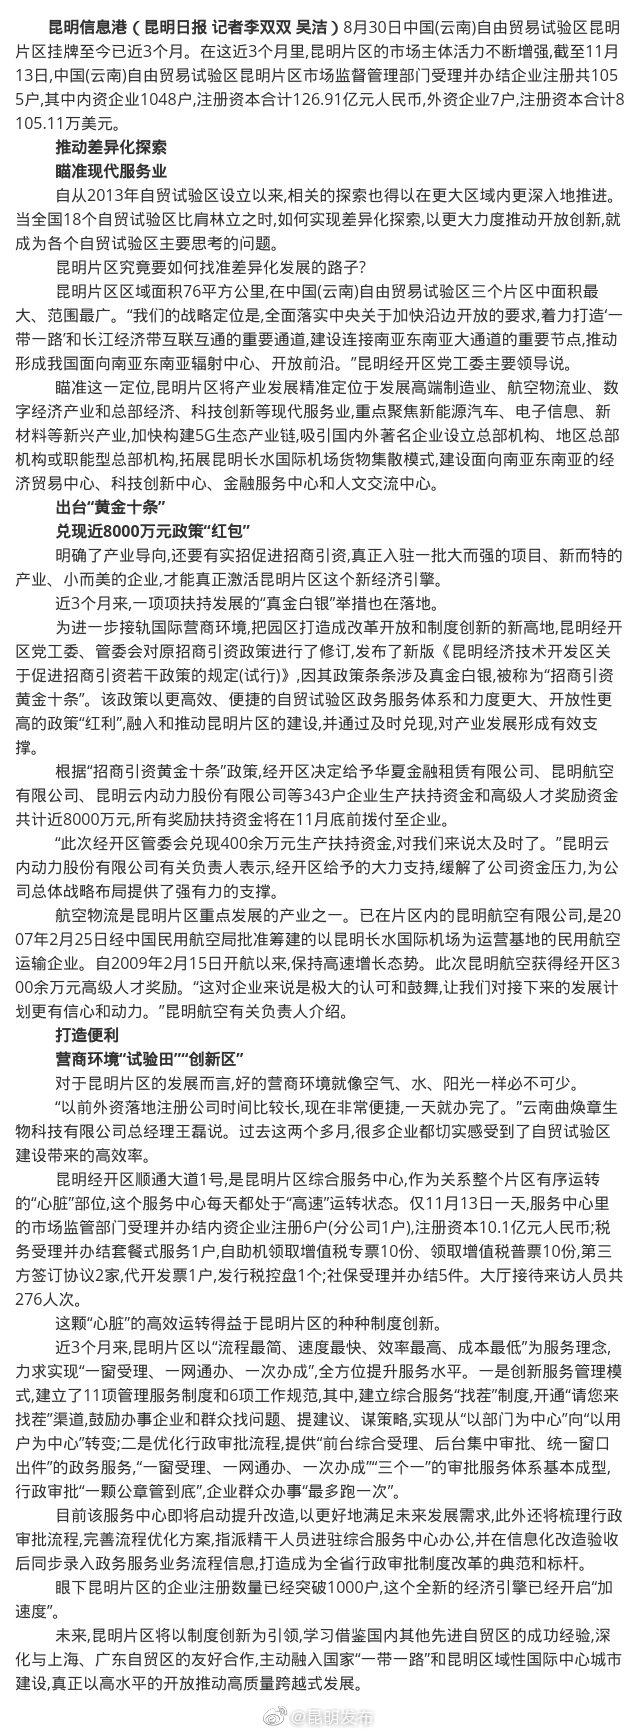 挂牌近3个月 中国(云南)自贸试验区昆明片区注册企业千余户